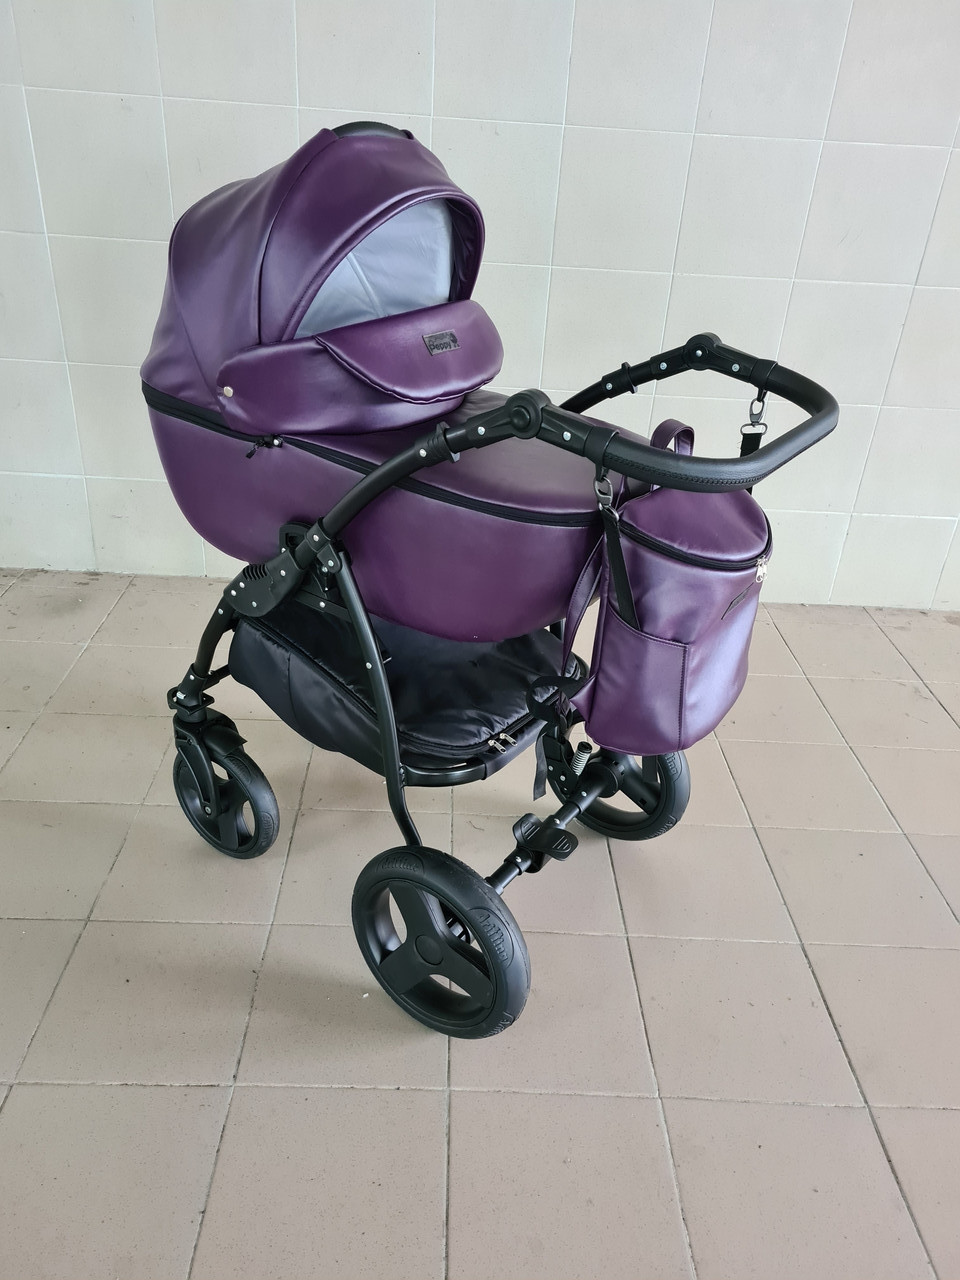 Детская коляска 2 в 1 Saturn Len Classik (Сатурн Лен Классик) Victoria Gold эко кожа фиолет